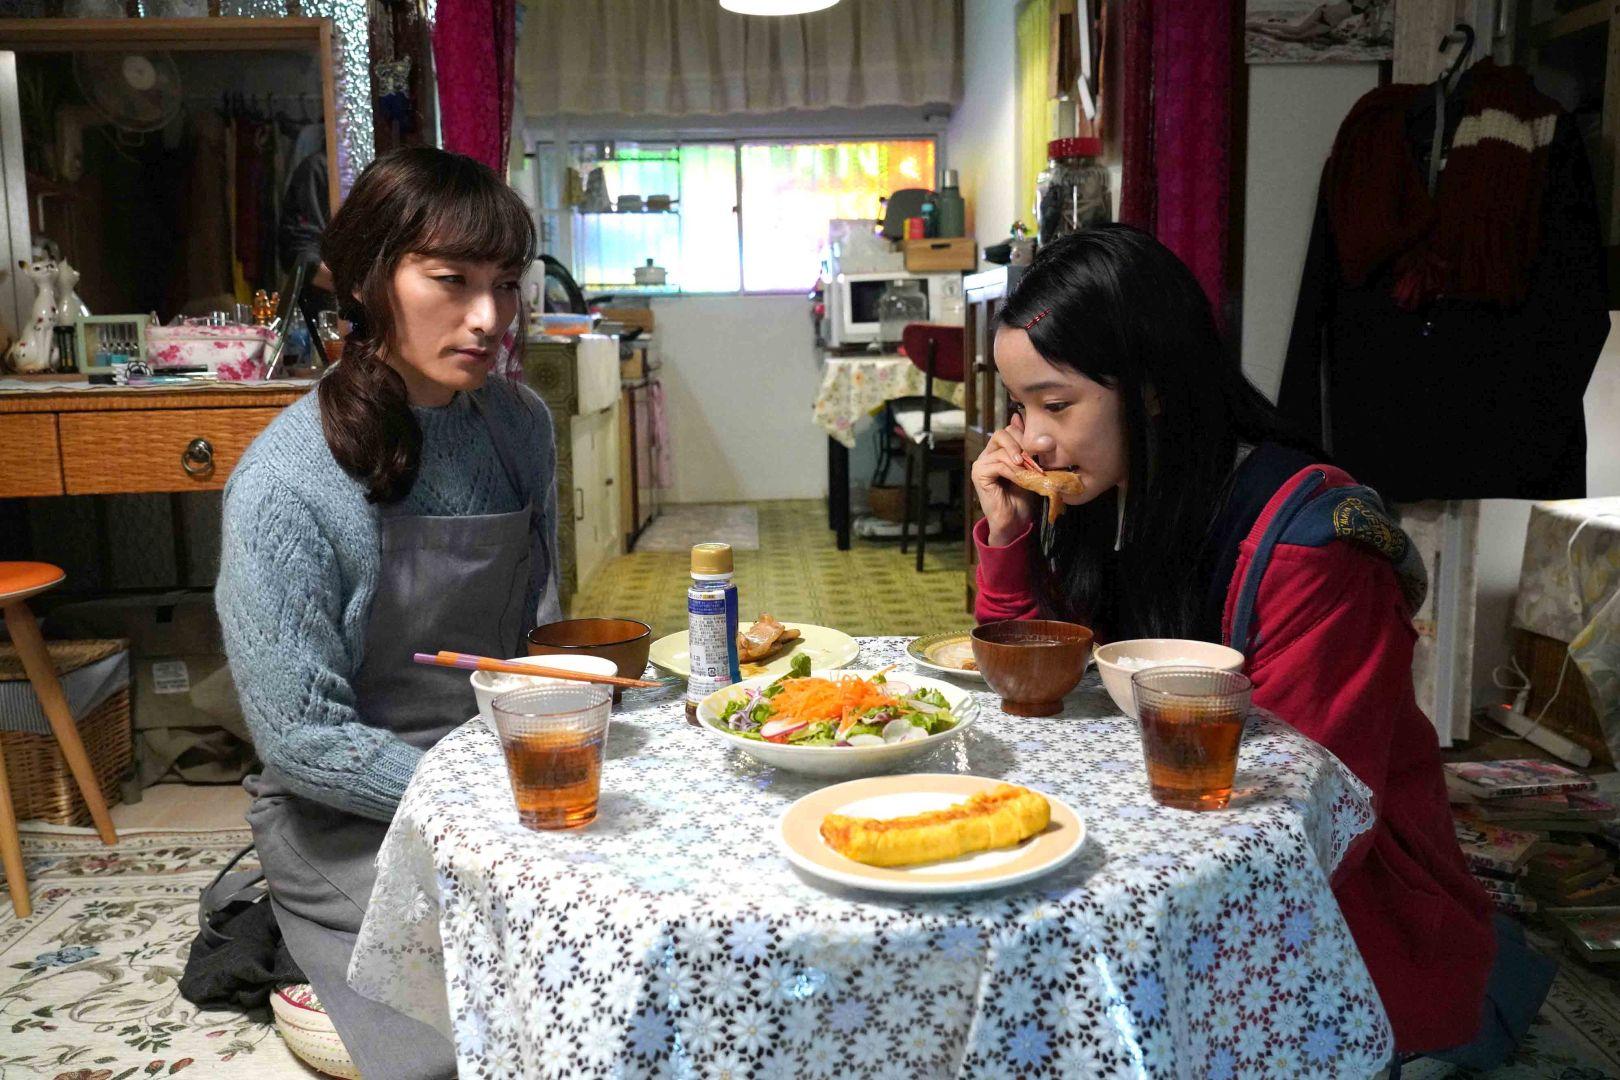 草彅刚(左)在片中母爱大爆发,每天下班后回到家,立刻穿上围裙细心为女儿张罗晚餐